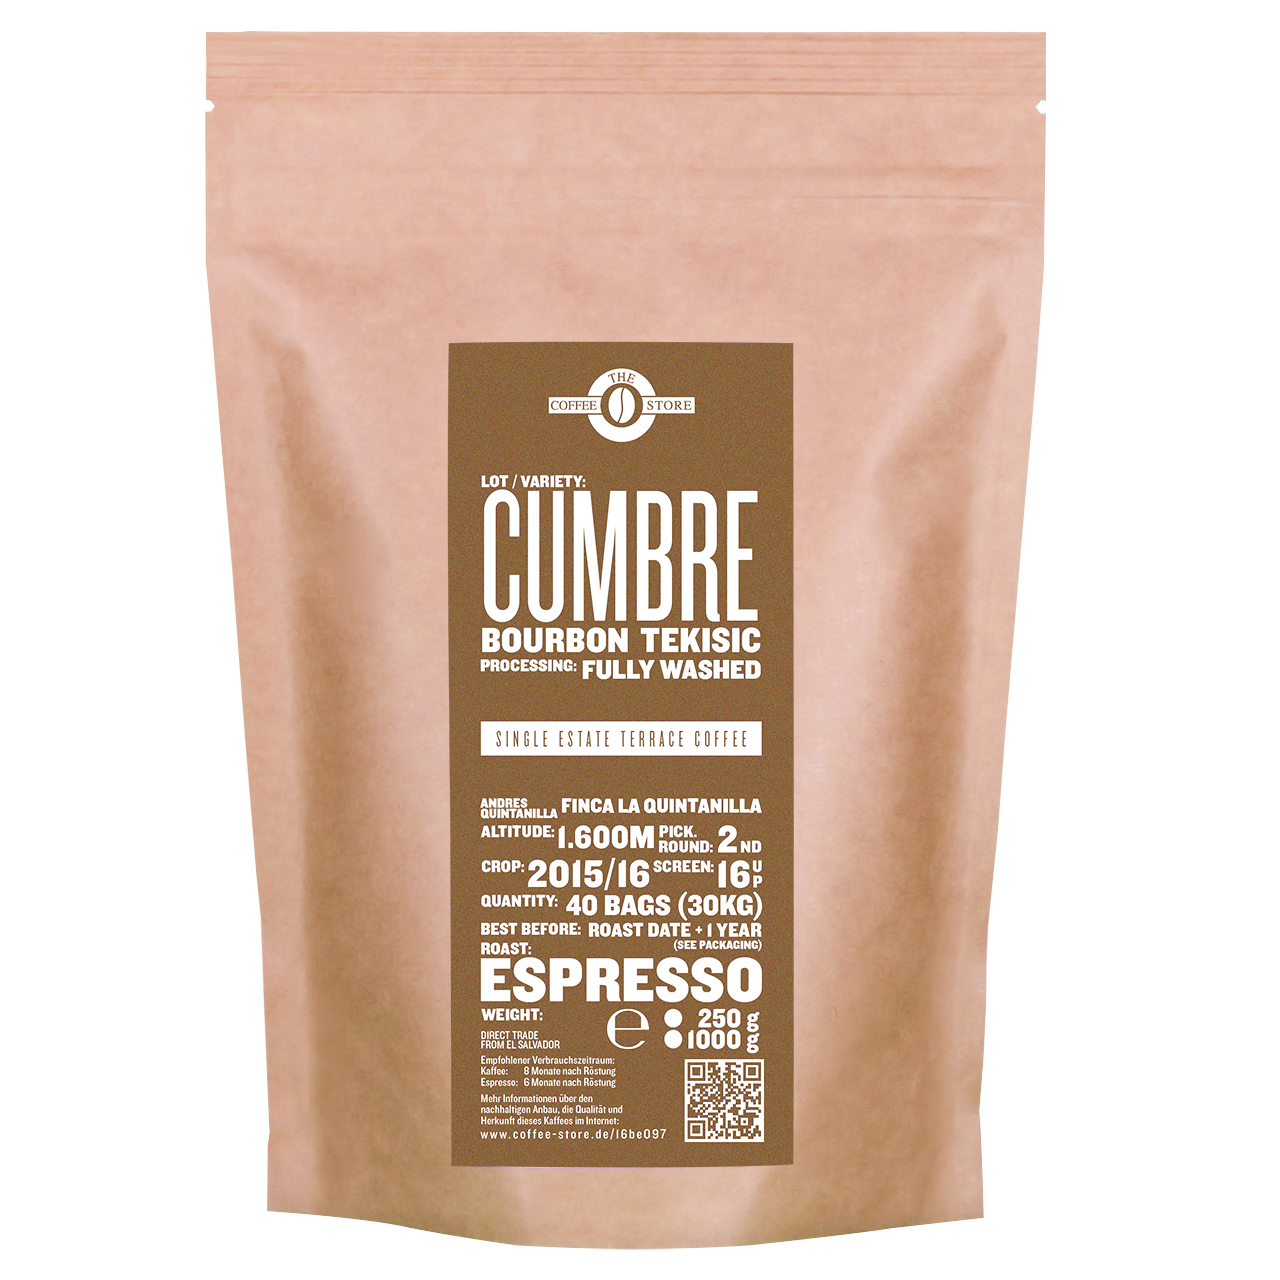 Cumbre, Bourbon Tekisic - Espressoröstung